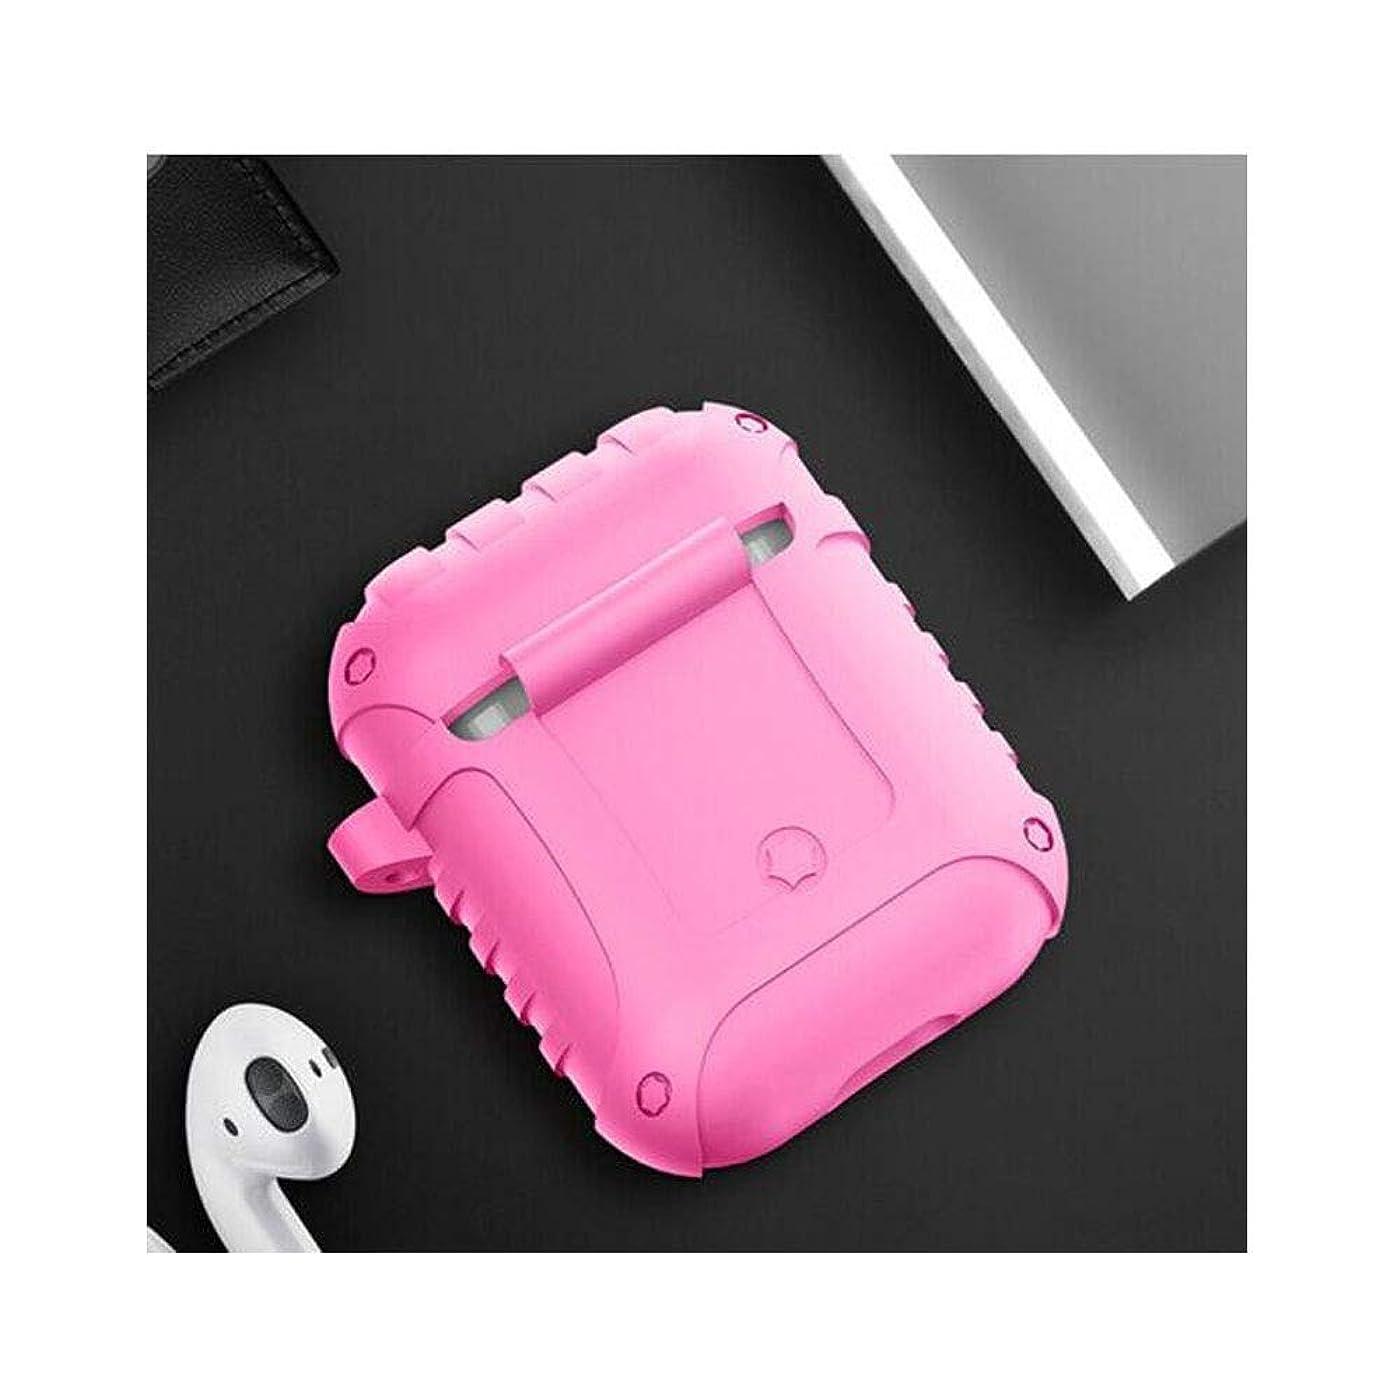 どこでも縞模様のランクFengshangshanghang Airpodsヘッドセットセット、シリコンワイヤレスBluetoothヘッドセット収納ボックス、焦げ付き防止の指紋特別セット+アンチロストフック、グリーン 絶妙な (Color : Pink)